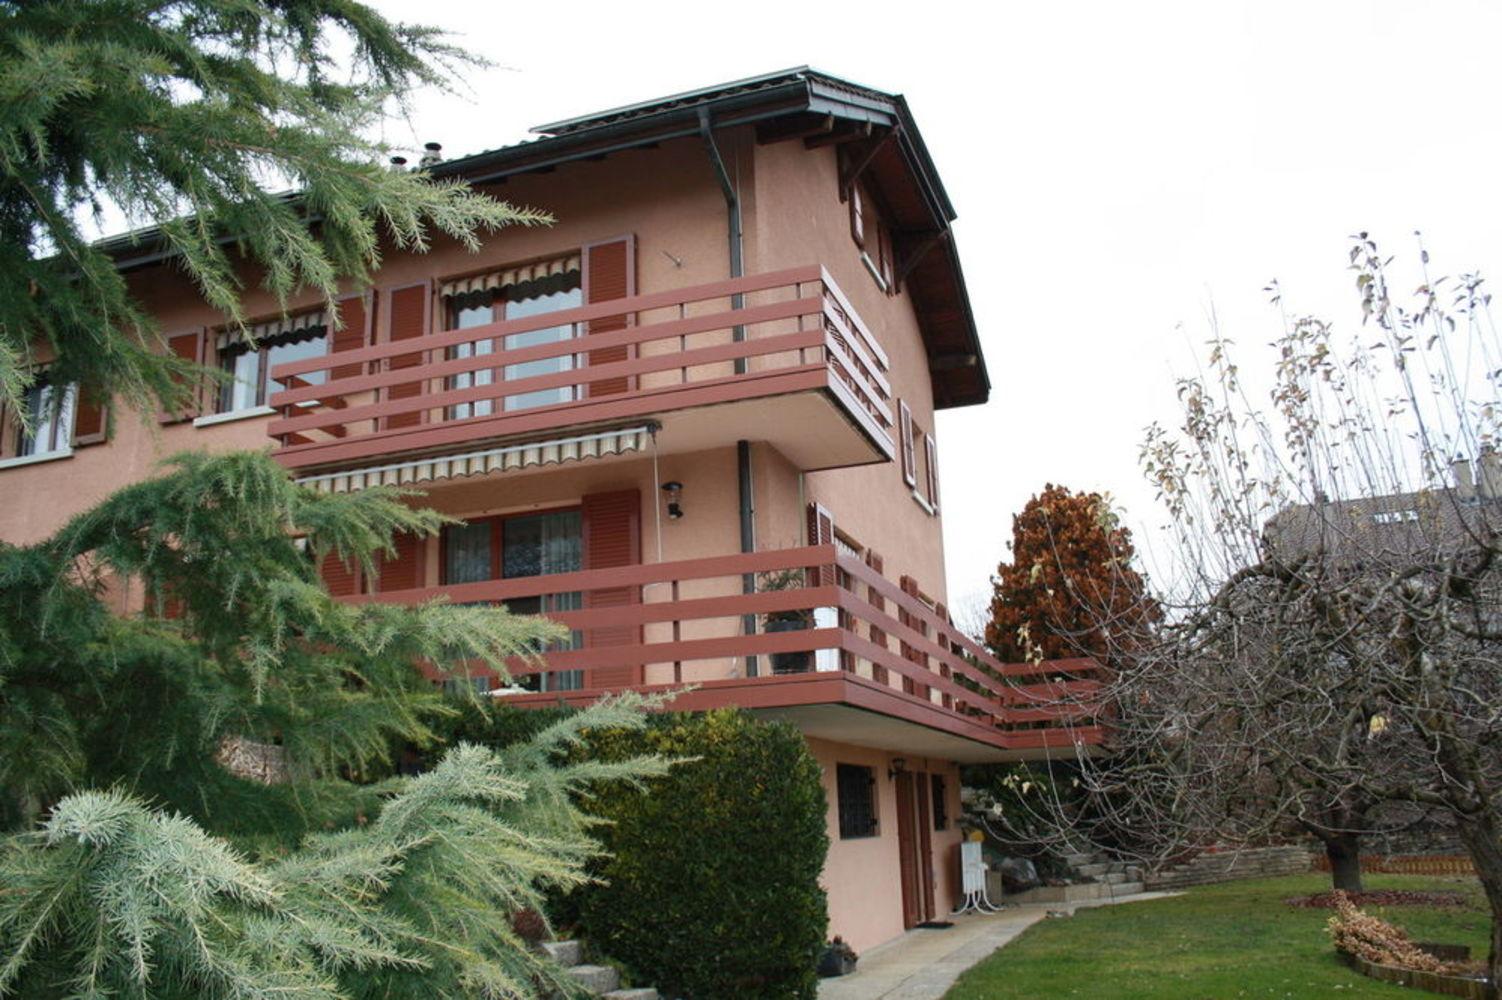 Jolie maison jumelle avec grand jardin et id al pour famille - Entretien jardin locataire ...